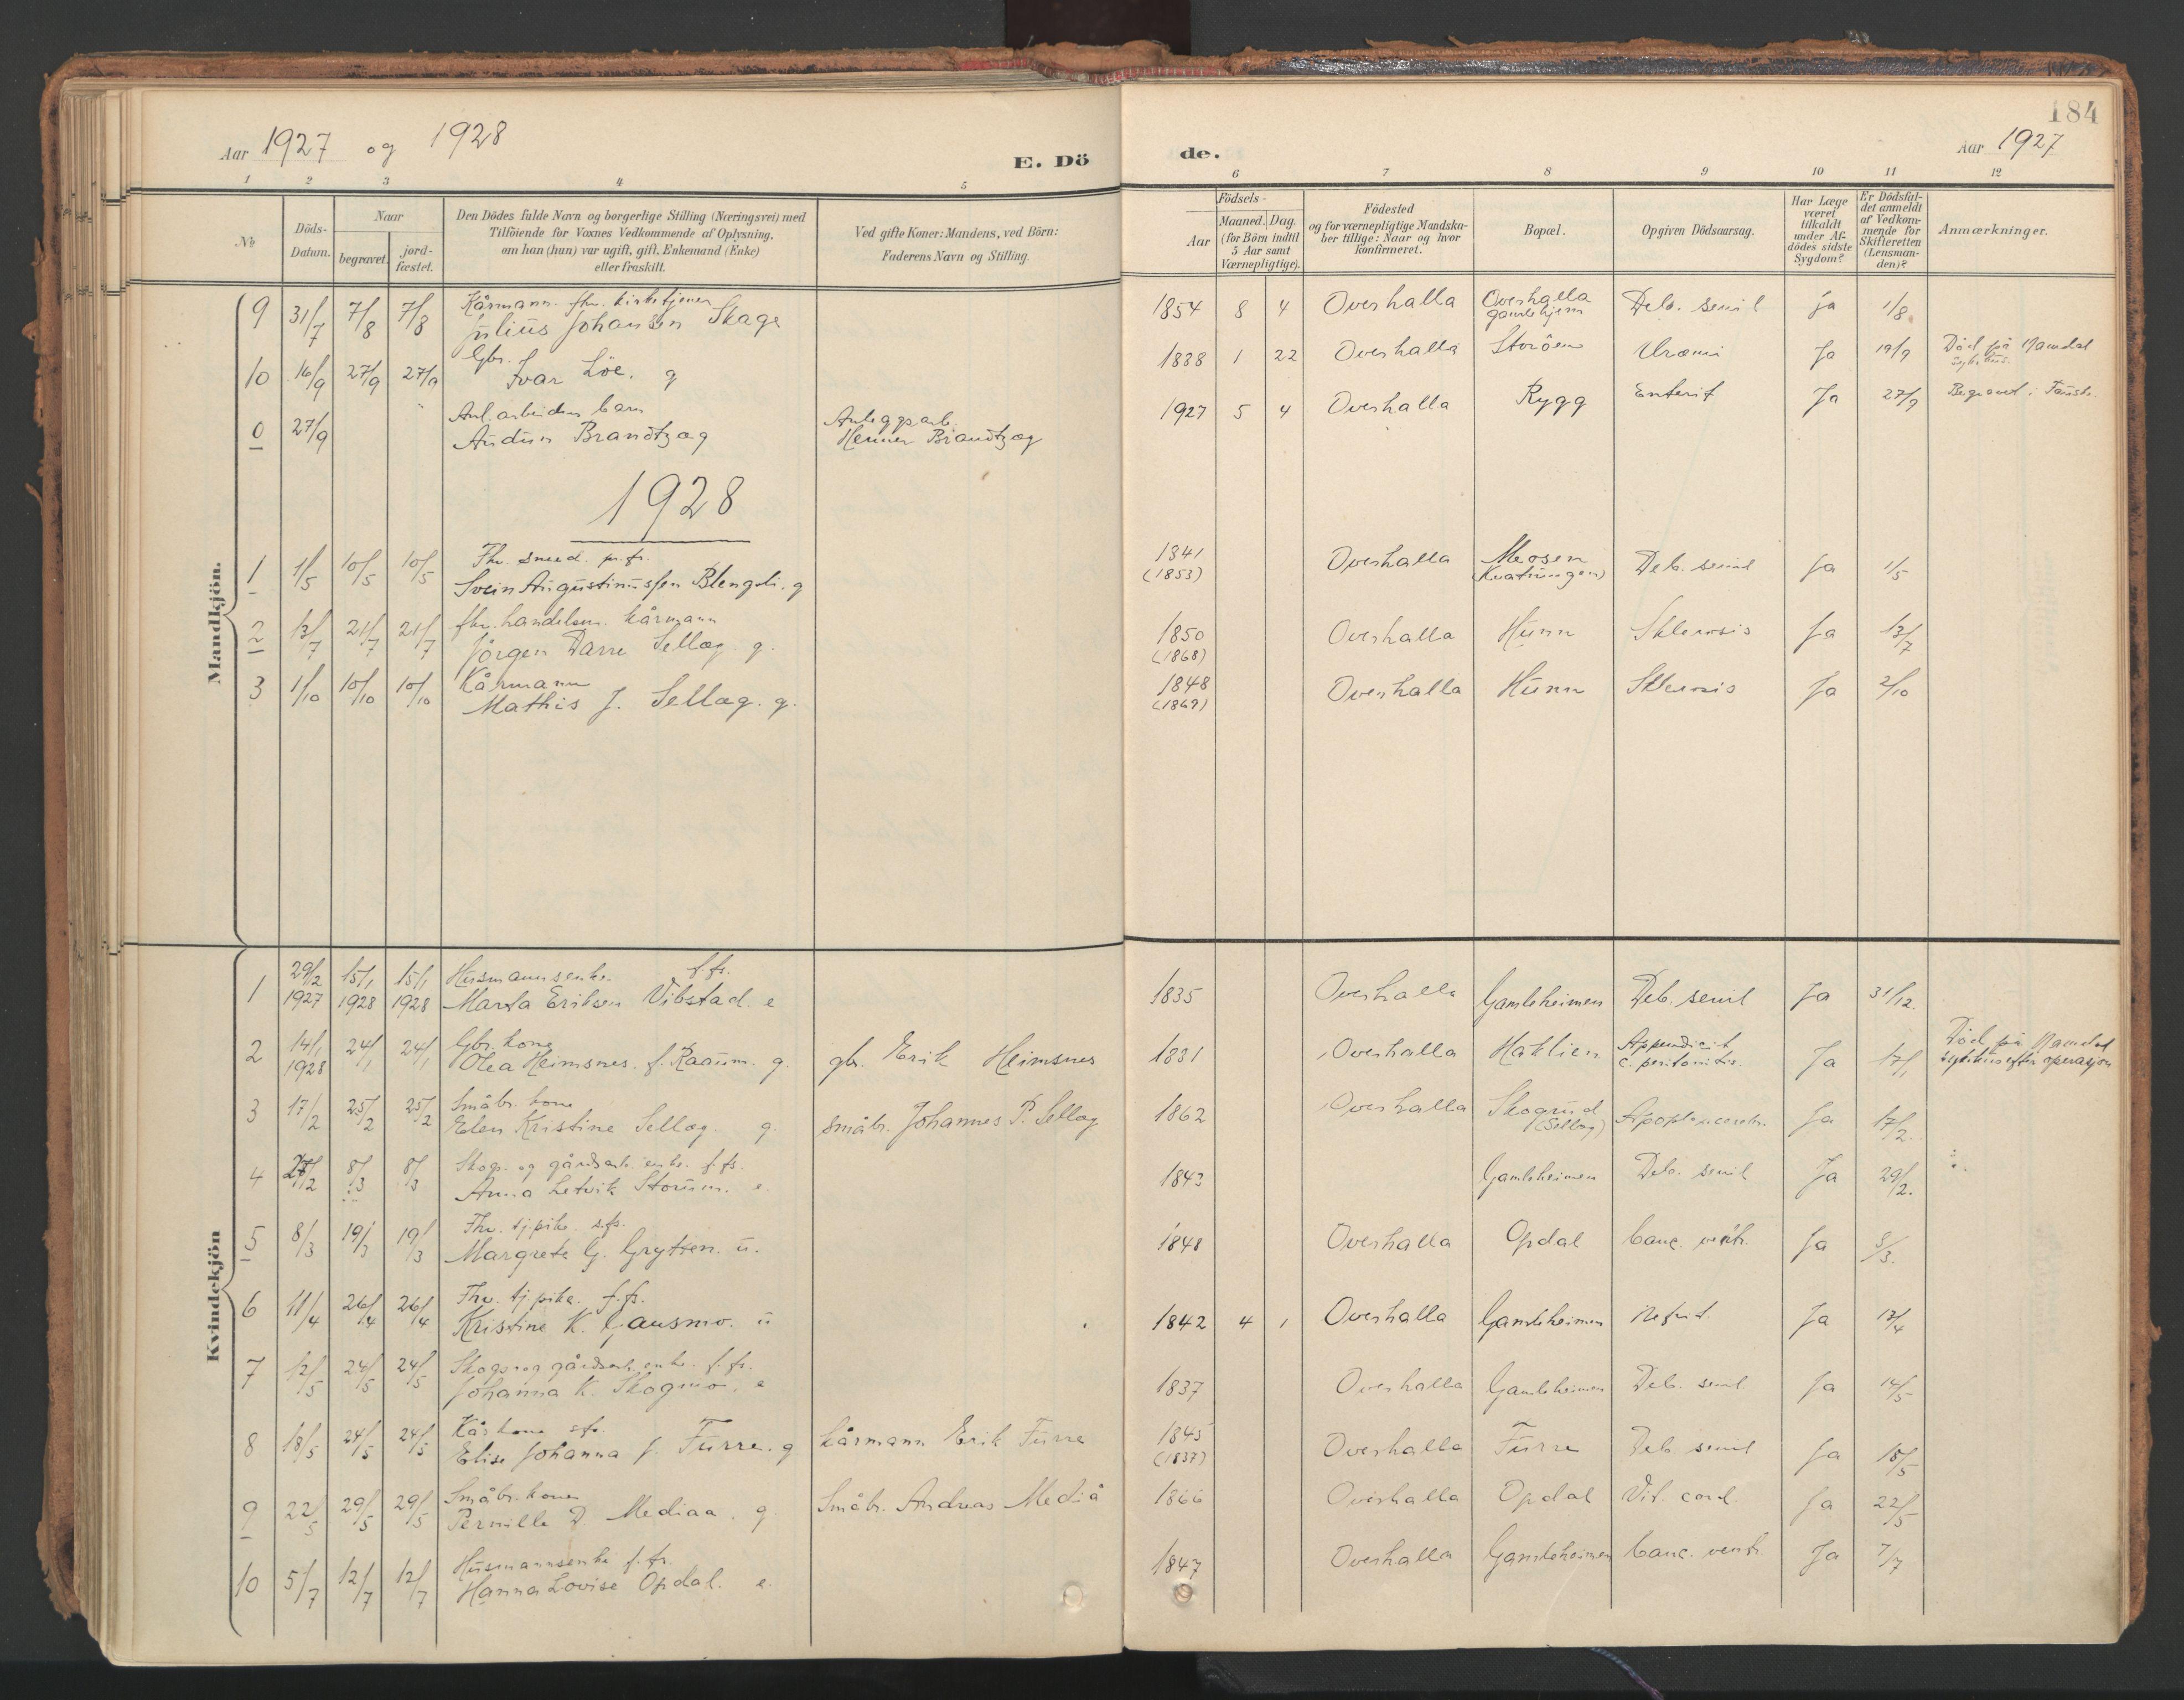 SAT, Ministerialprotokoller, klokkerbøker og fødselsregistre - Nord-Trøndelag, 766/L0564: Ministerialbok nr. 767A02, 1900-1932, s. 184